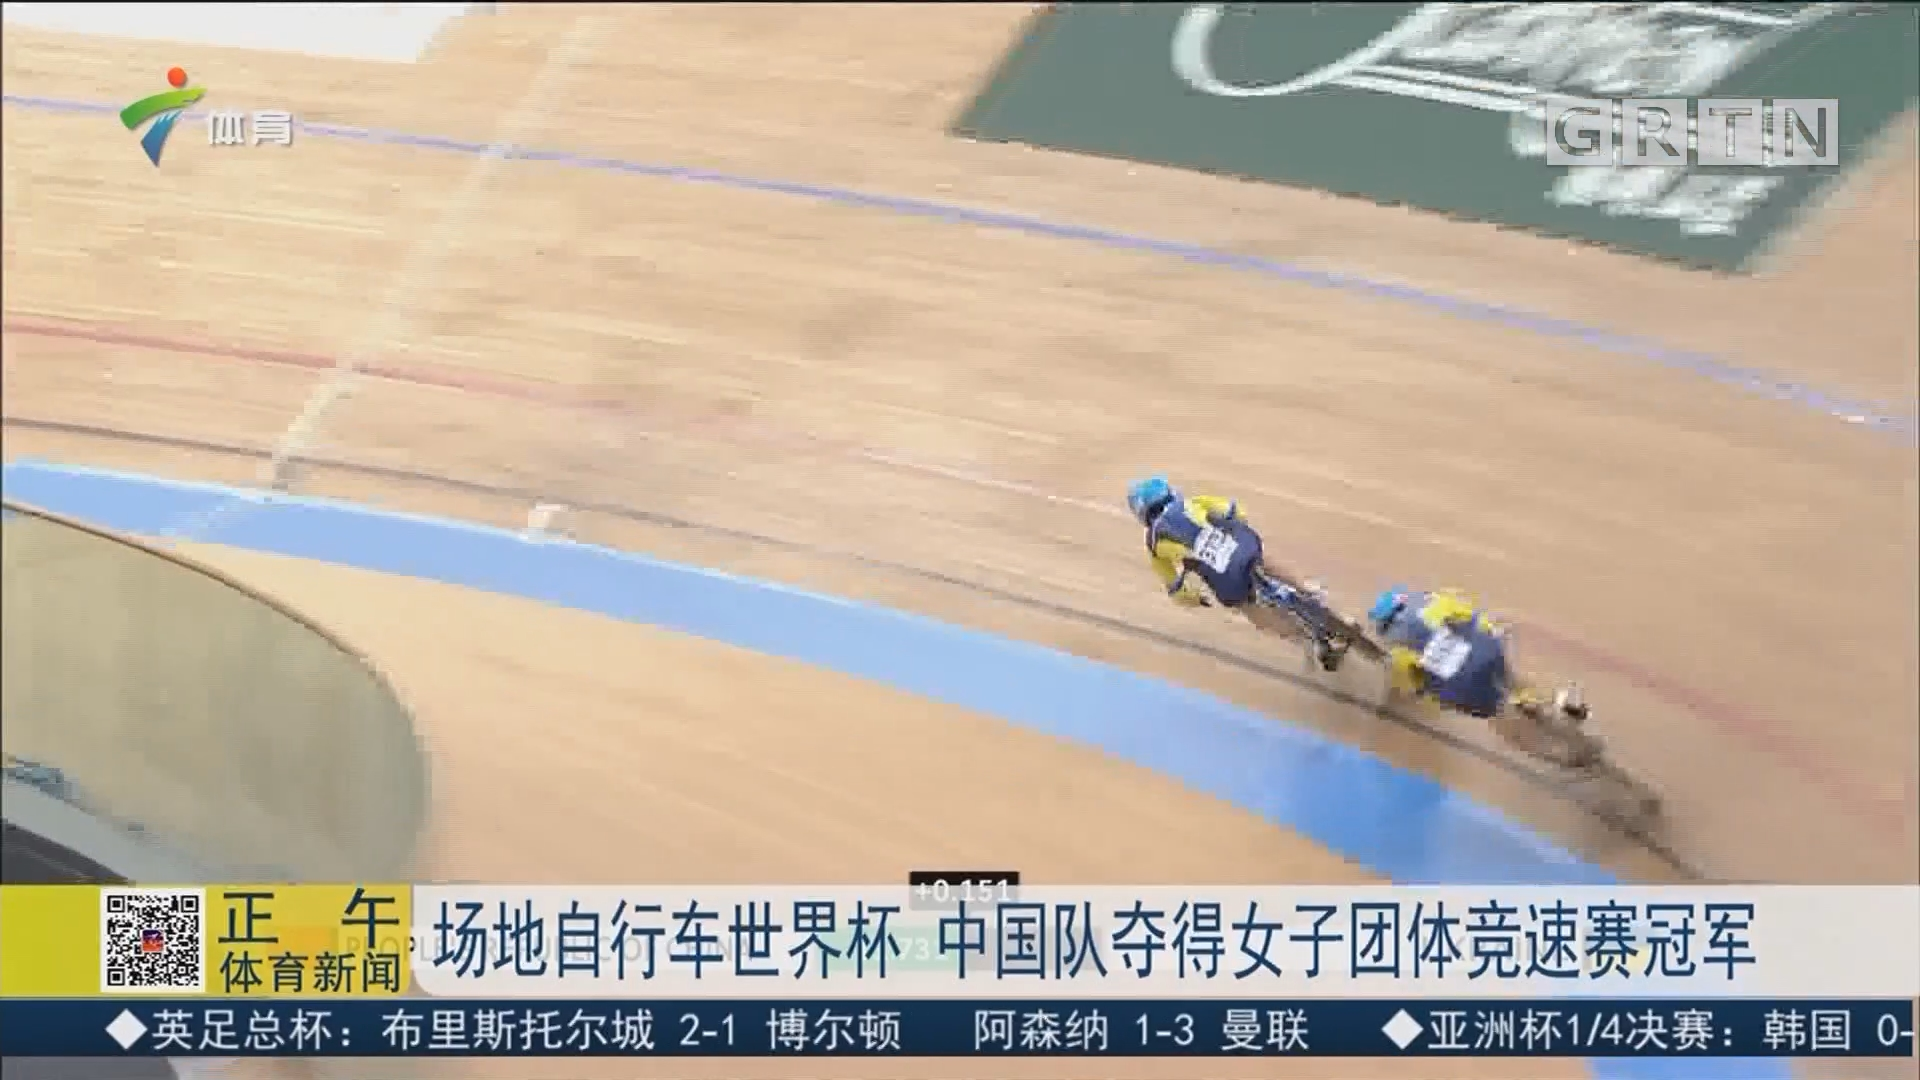 场地自行车世界杯 中国队夺得女子团体竞速赛冠军